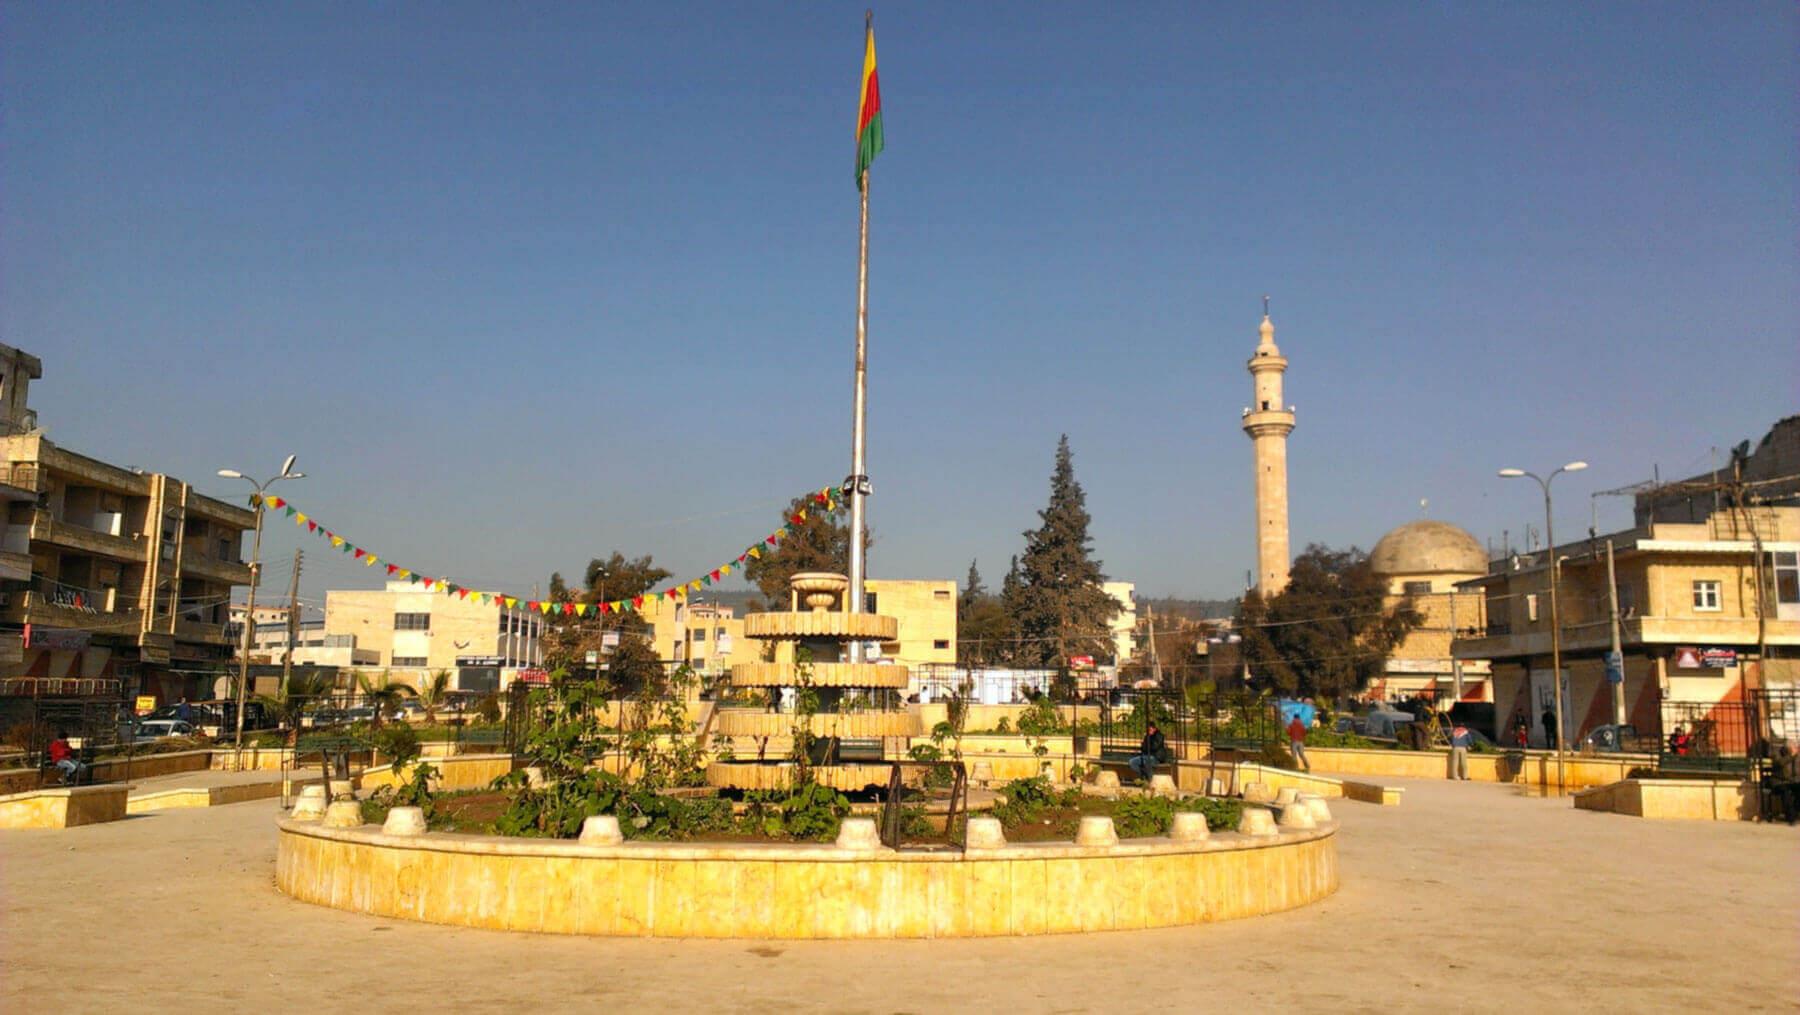 Die Stadt Afrin ist seit 2012 durch Intern Vertriebene aus anderen Teilen Syriens stark gewachsen. (Foto: Thomas Schmidinger)